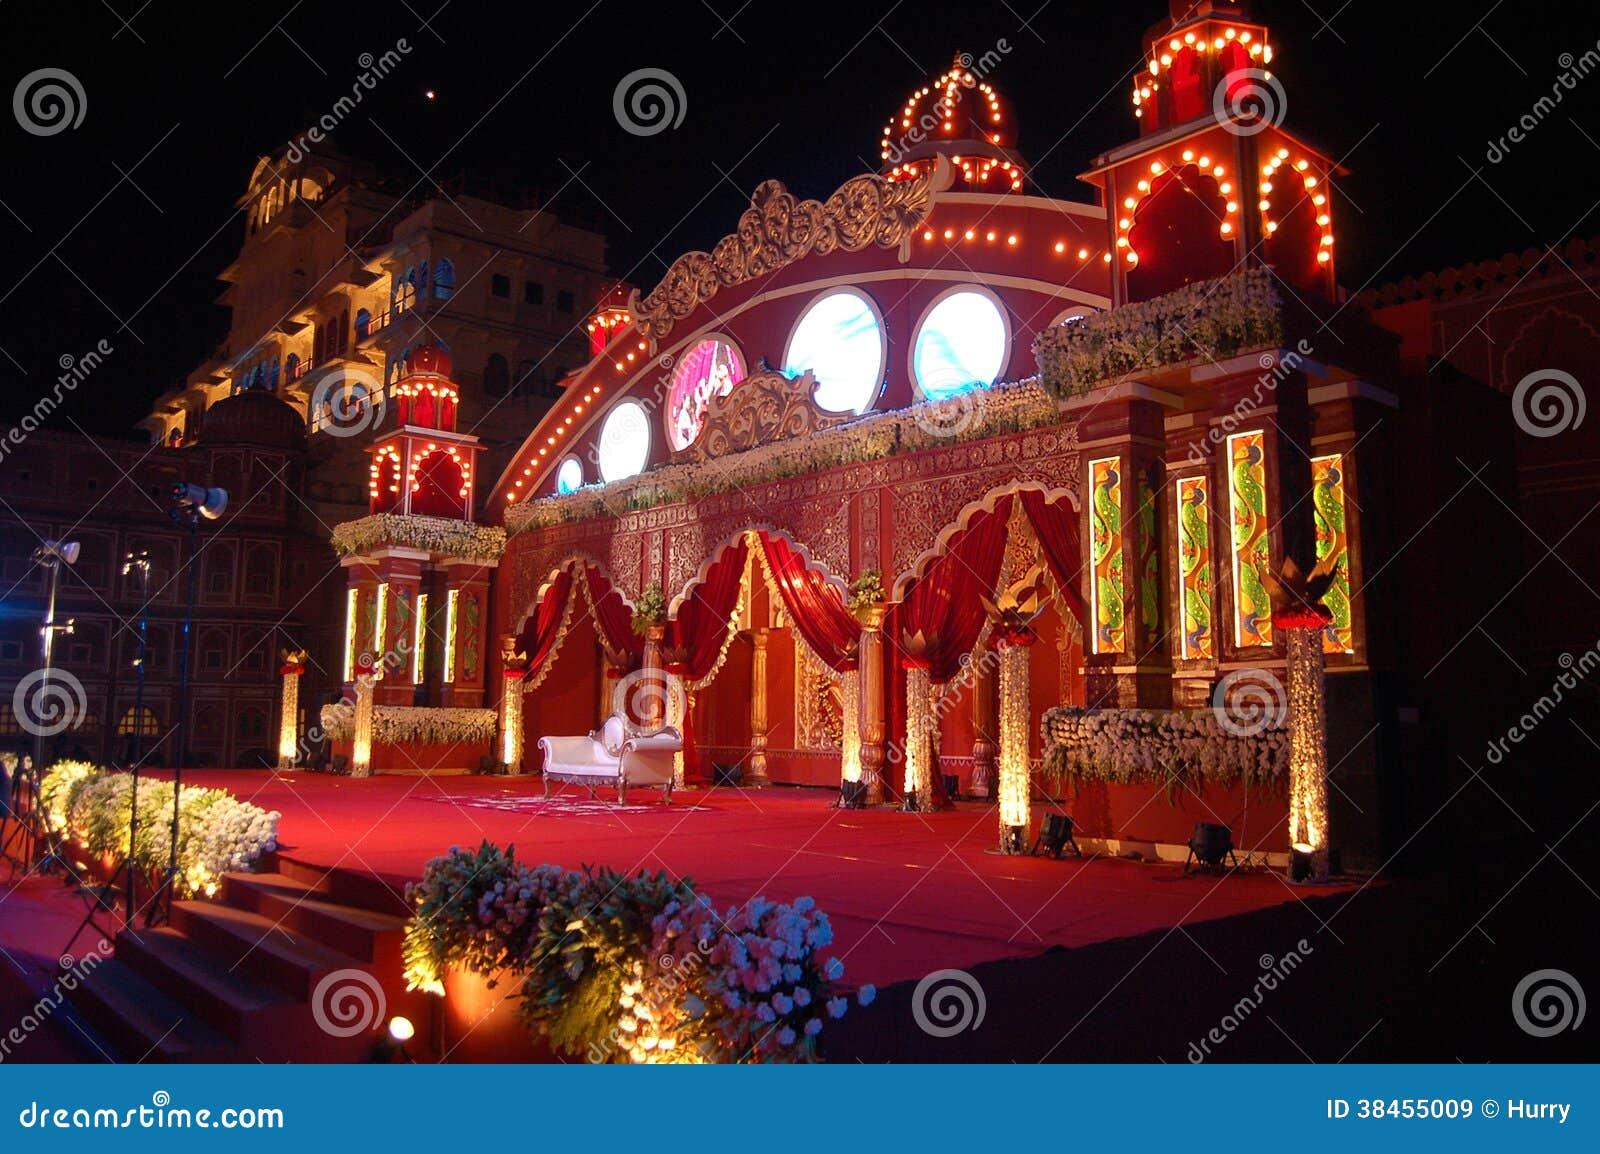 Indian wedding stage mandap stock image image 38455009 for Decor india jaipur